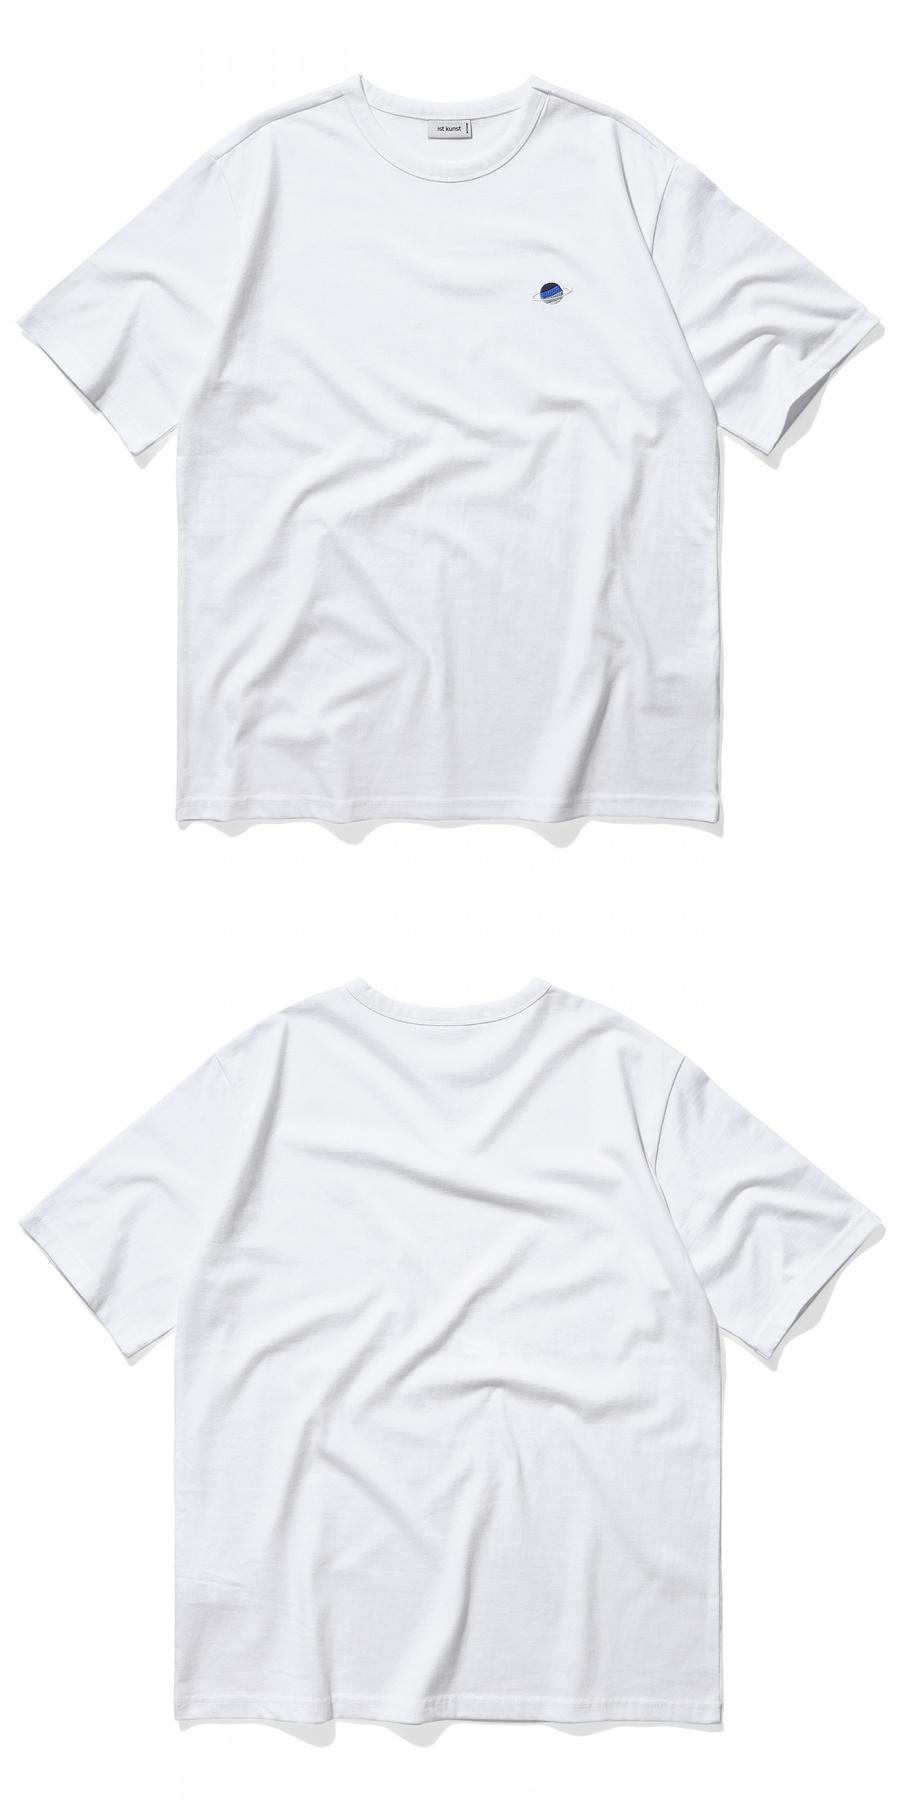 이스트쿤스트(IST KUNST) 새턴 티셔츠_화이트(IK1JMMT508A)